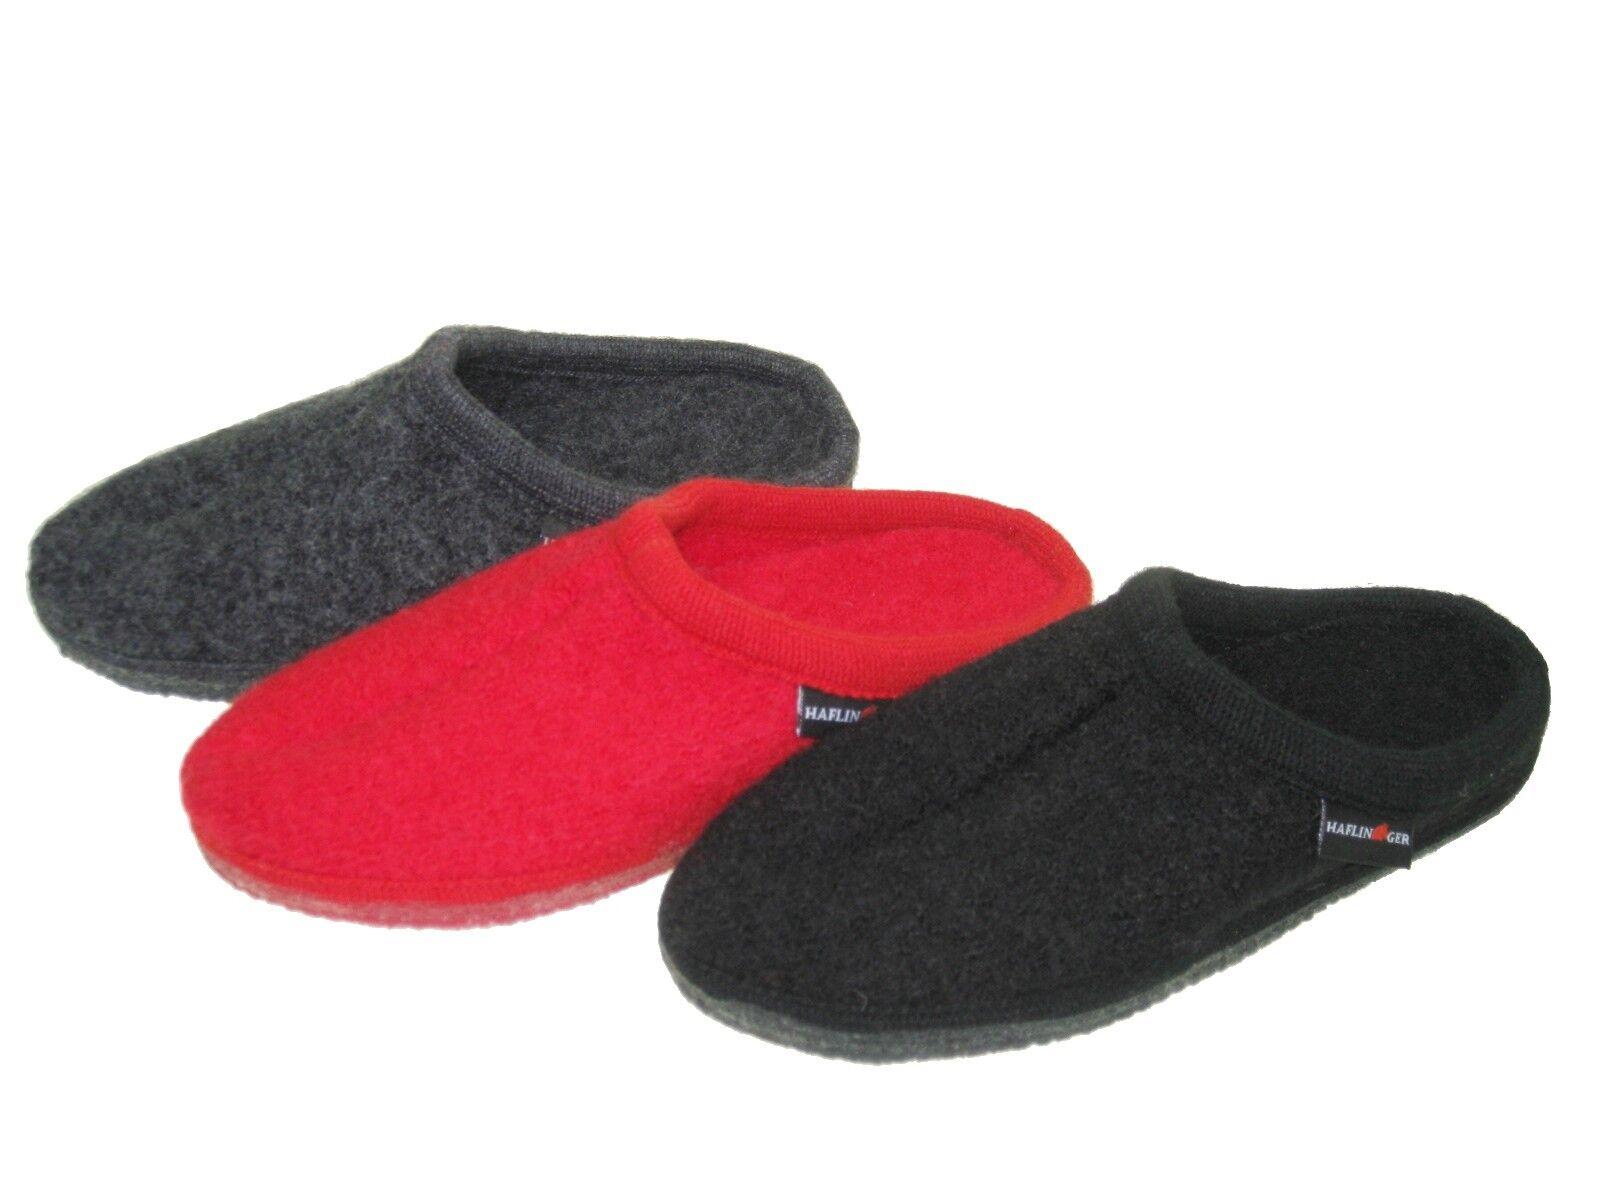 Haflinger Alaska 611001 damas, entre caballeros sandalias zapatillas de de de casa Clogs zapatillas  en promociones de estadios